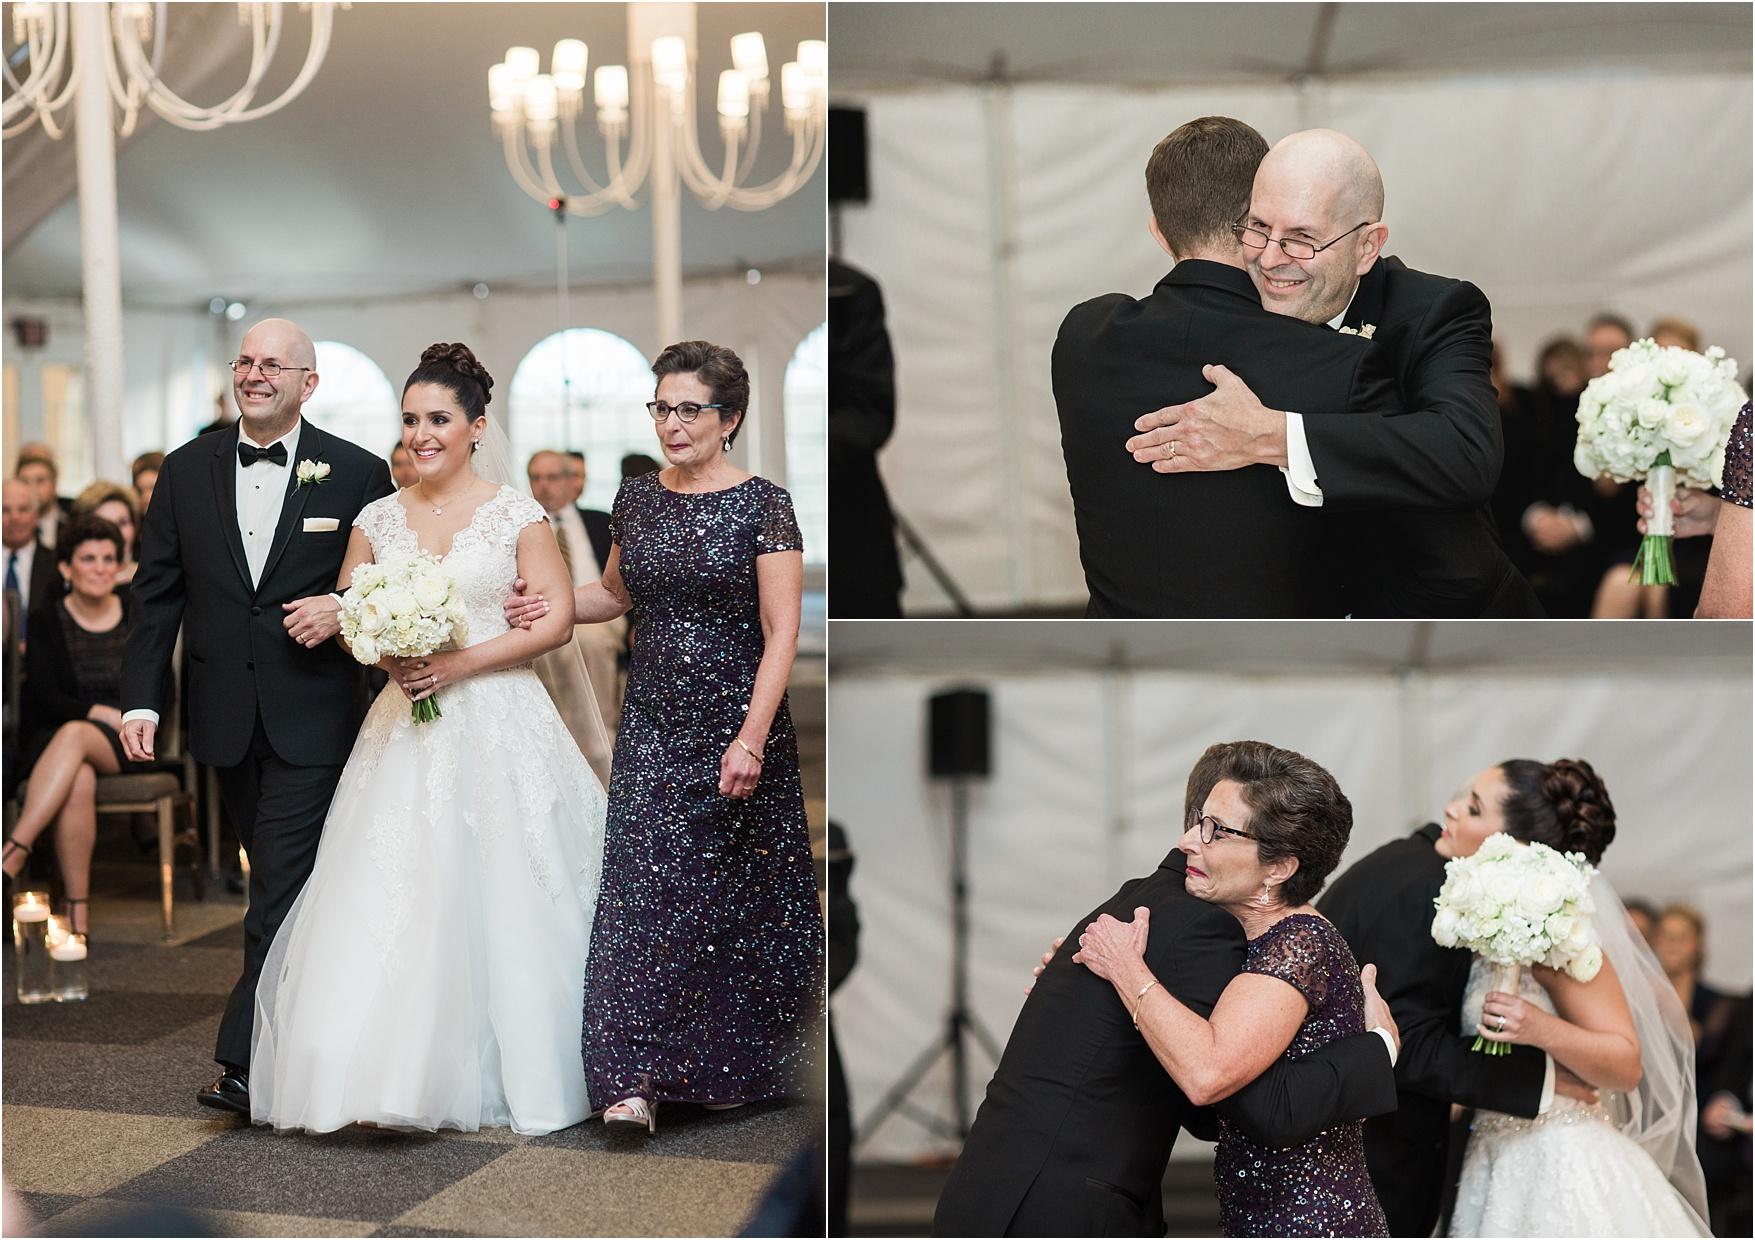 wedding photography st louis_lauren muckler photography_film photographer_film wedding_0062.jpg